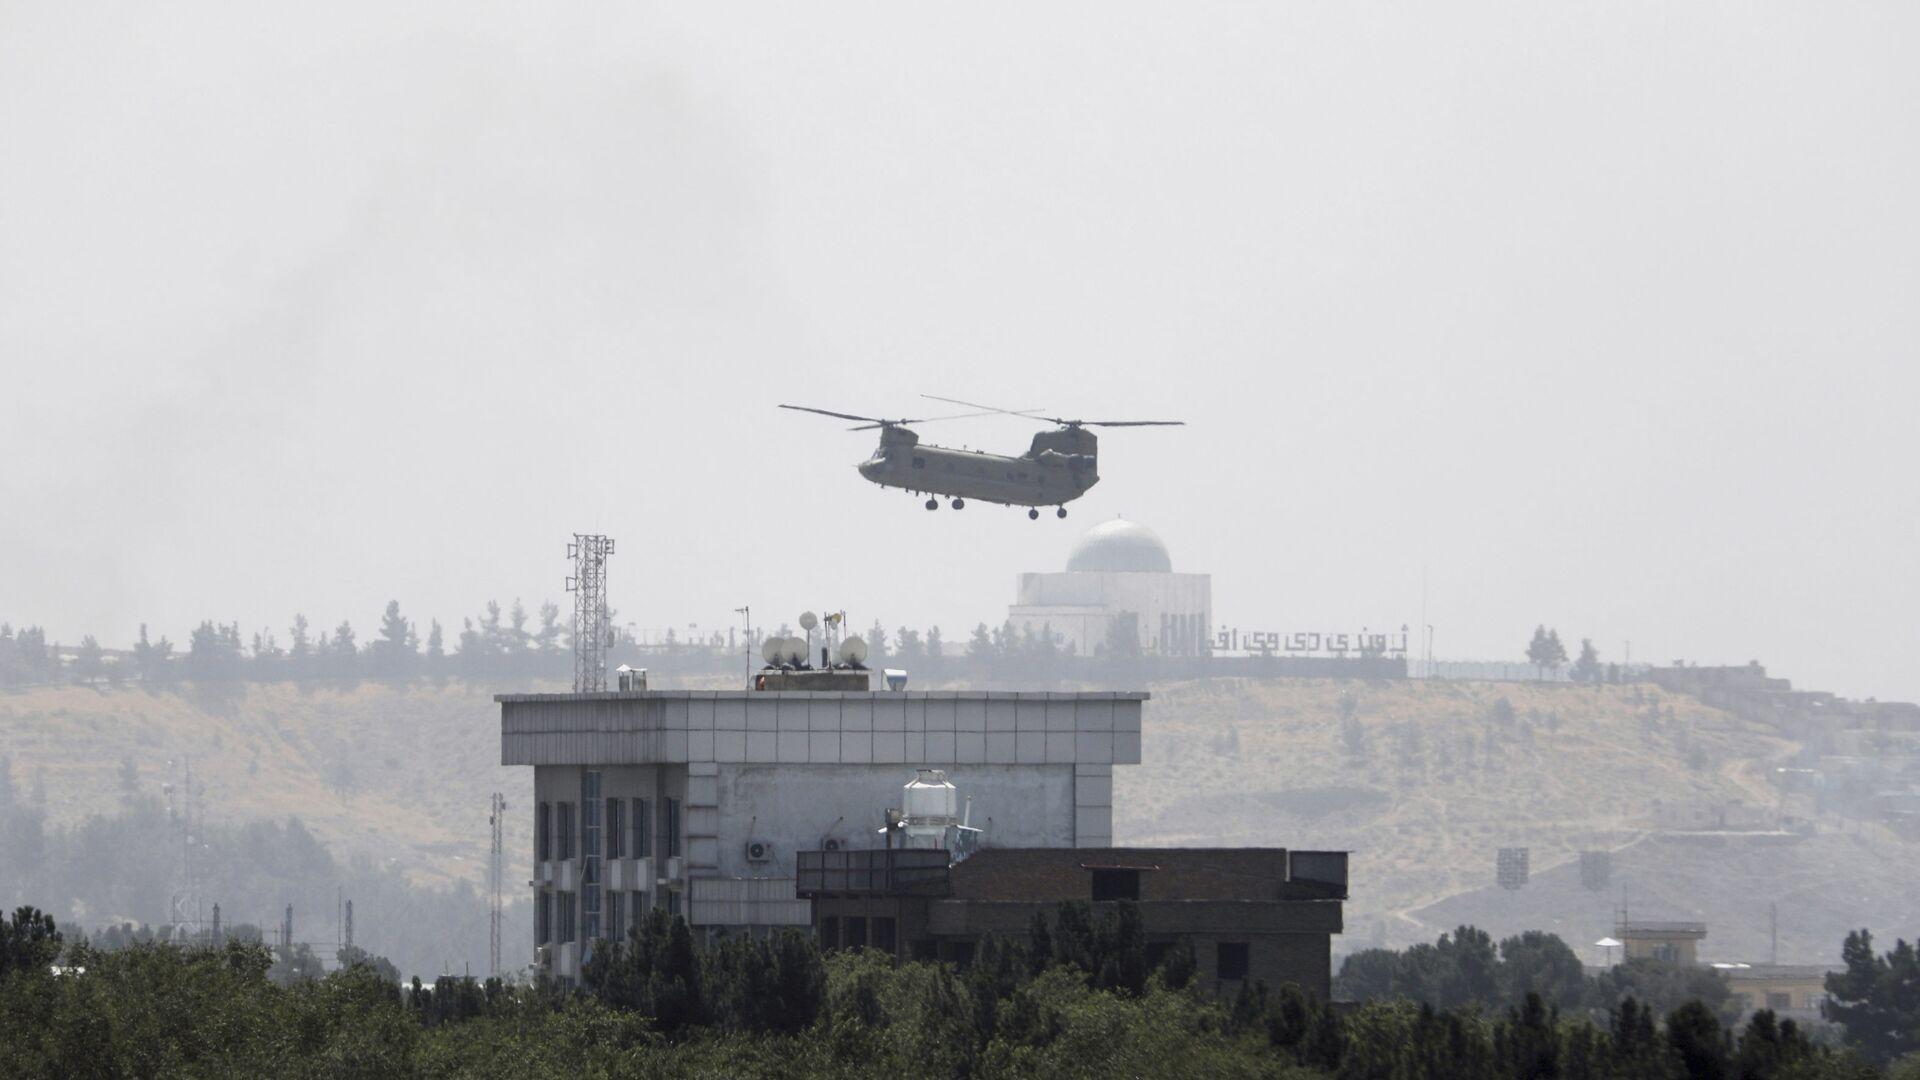 Вертолет США Chinook возле посольства США в Кабуле, Афганистан, 15 августа 2021 г.  - Sputnik Азербайджан, 1920, 16.08.2021